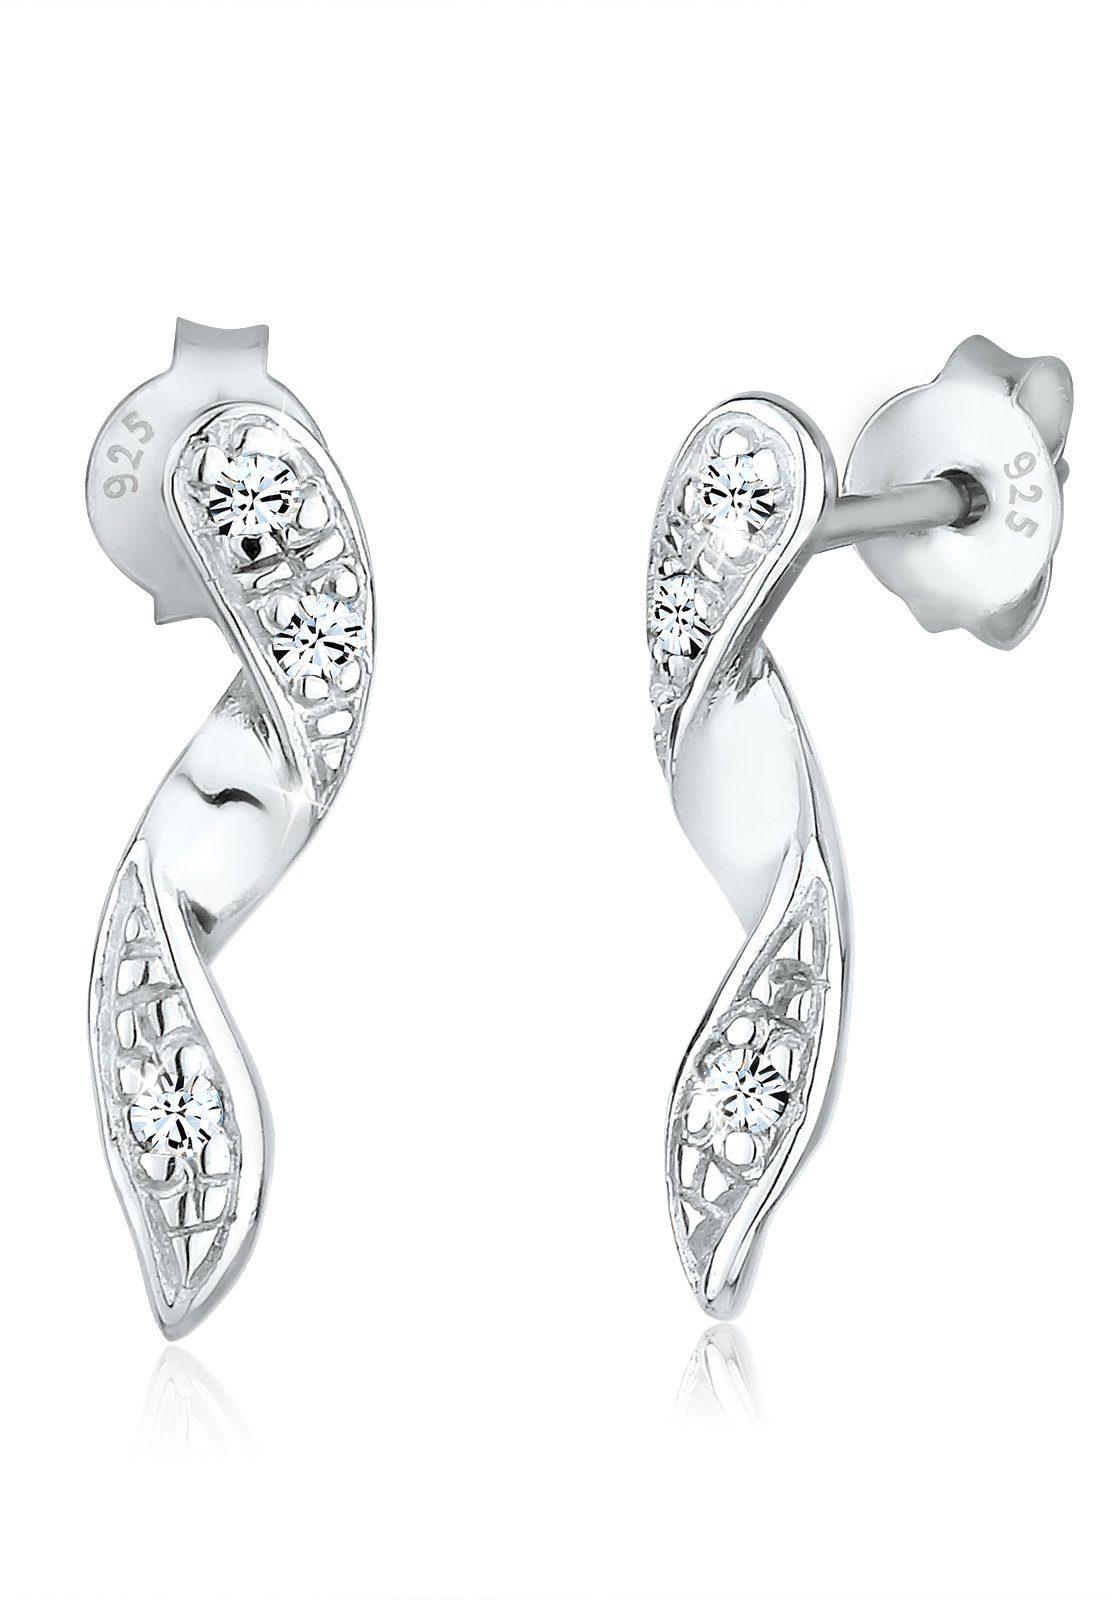 Online Swarovski® Ohrstecker Geo Kaufen »spirale Kristalle Paar Glamour Elli Silber« Yv7gf6Iby